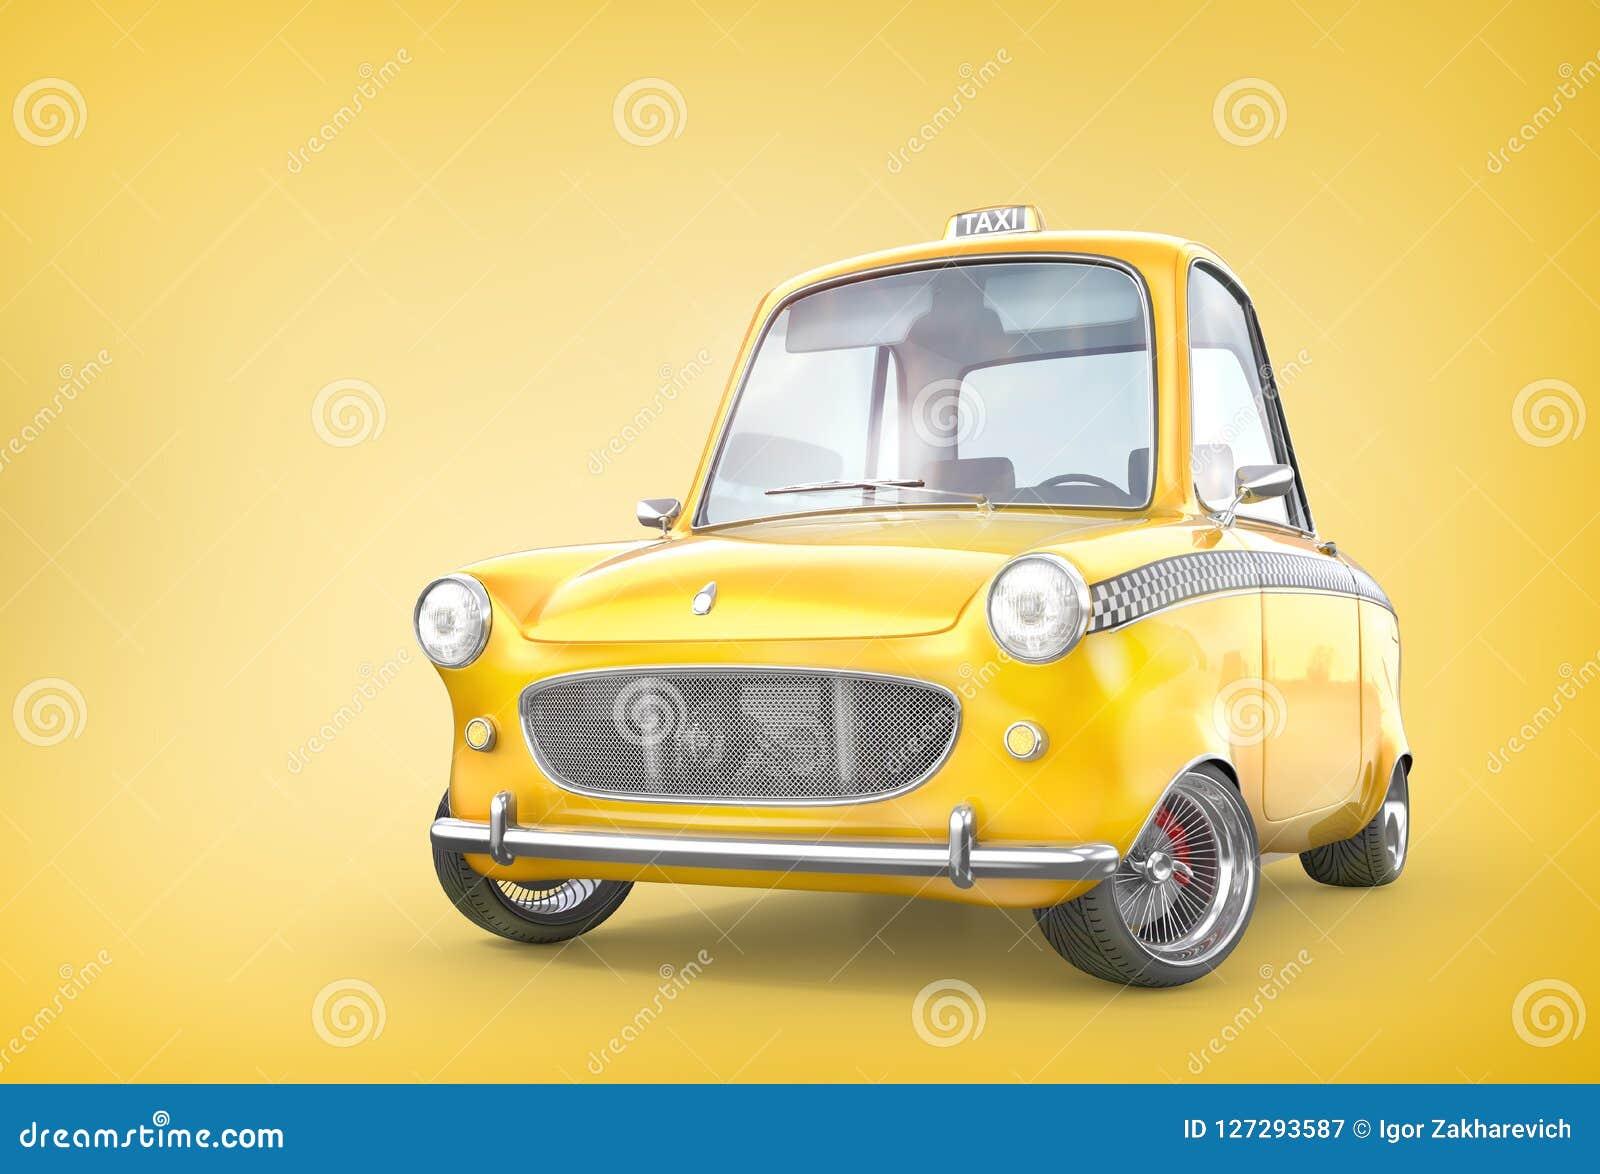 Желтый ретро автомобиль такси на желтой предпосылке иллюстрация 3d